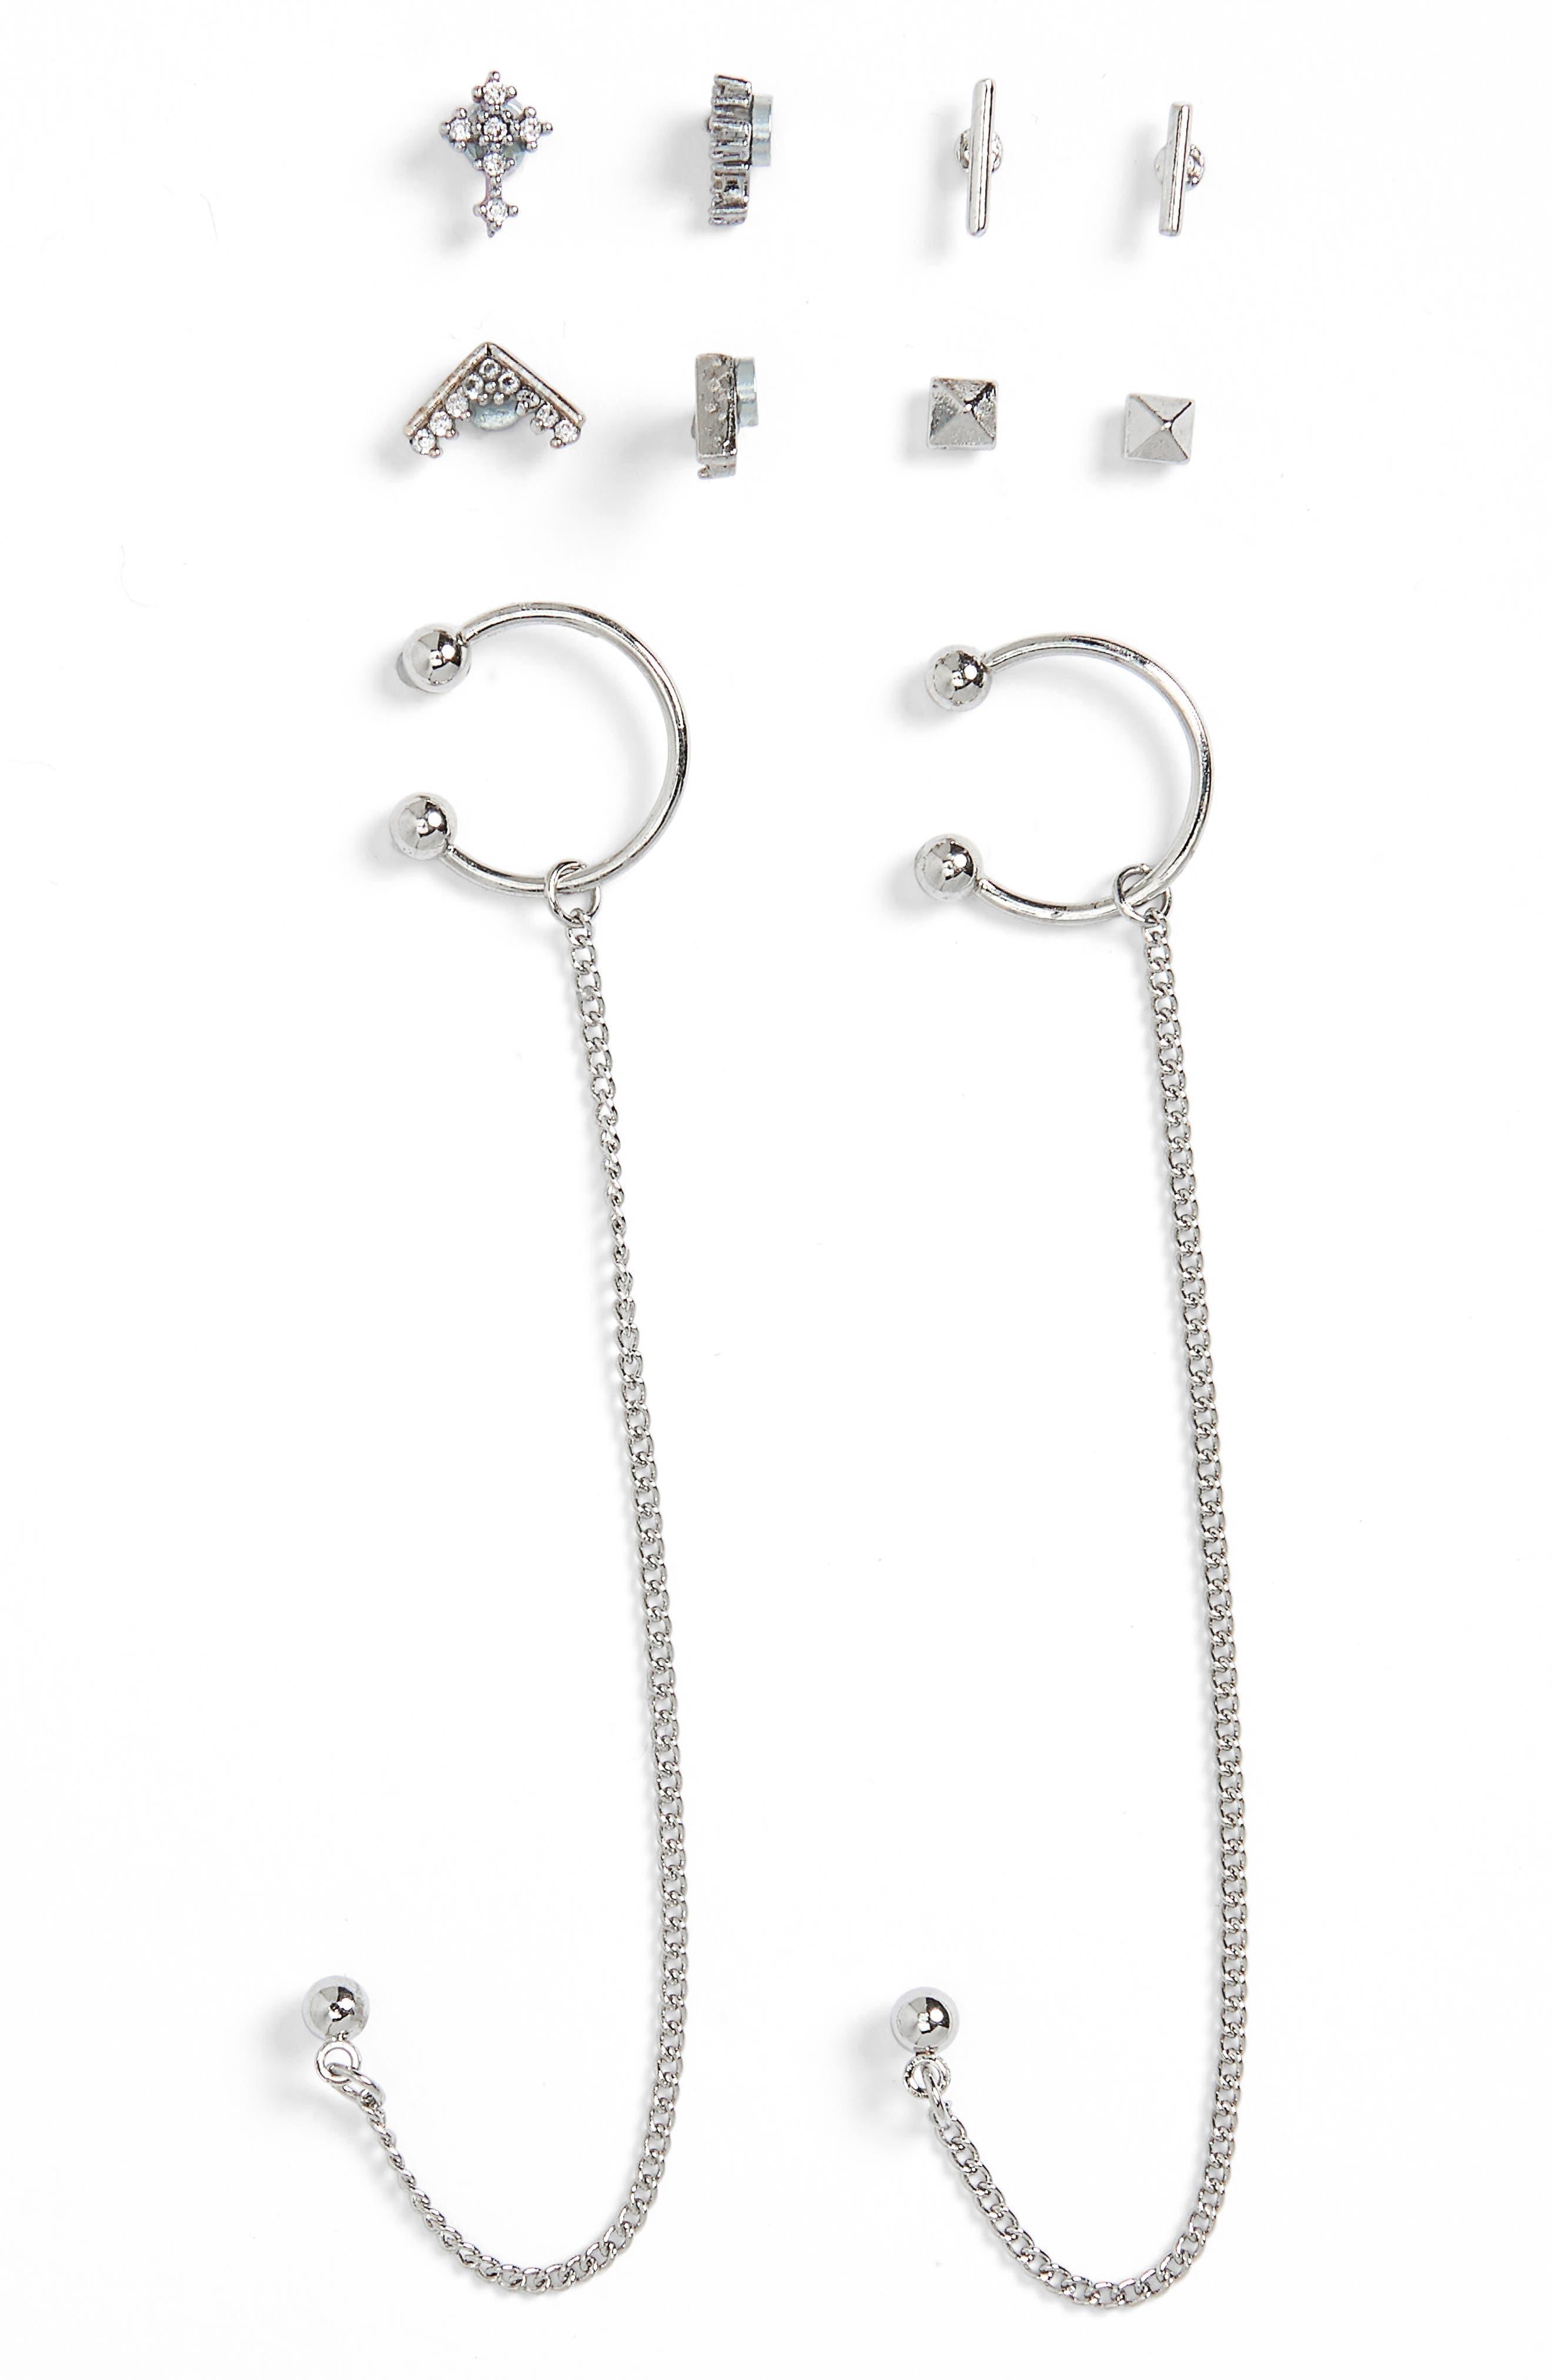 Set of 5 Stud & Chain Earrings,                             Main thumbnail 1, color,                             040